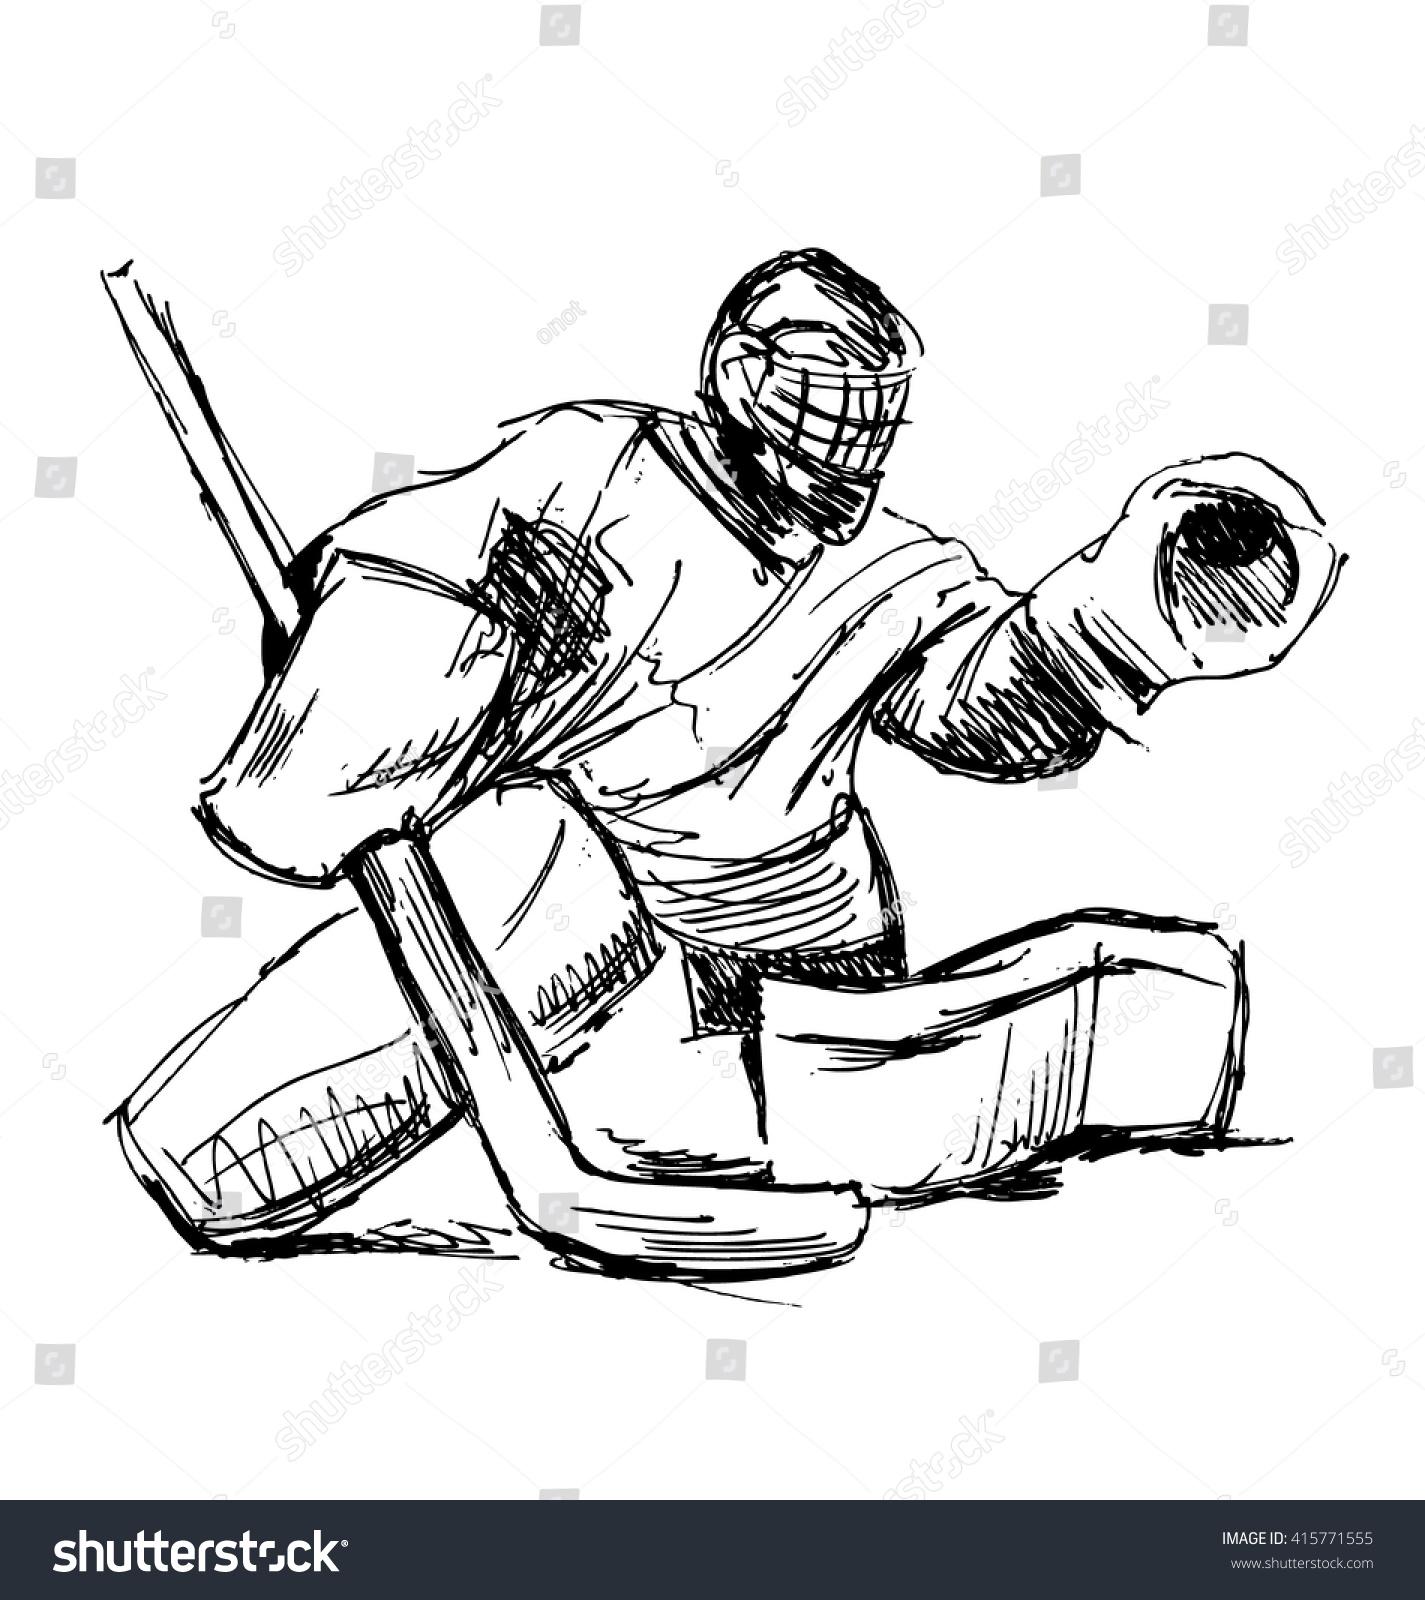 Hand Sketch Hockey Goalie Vector Illustration Stock Vector ...